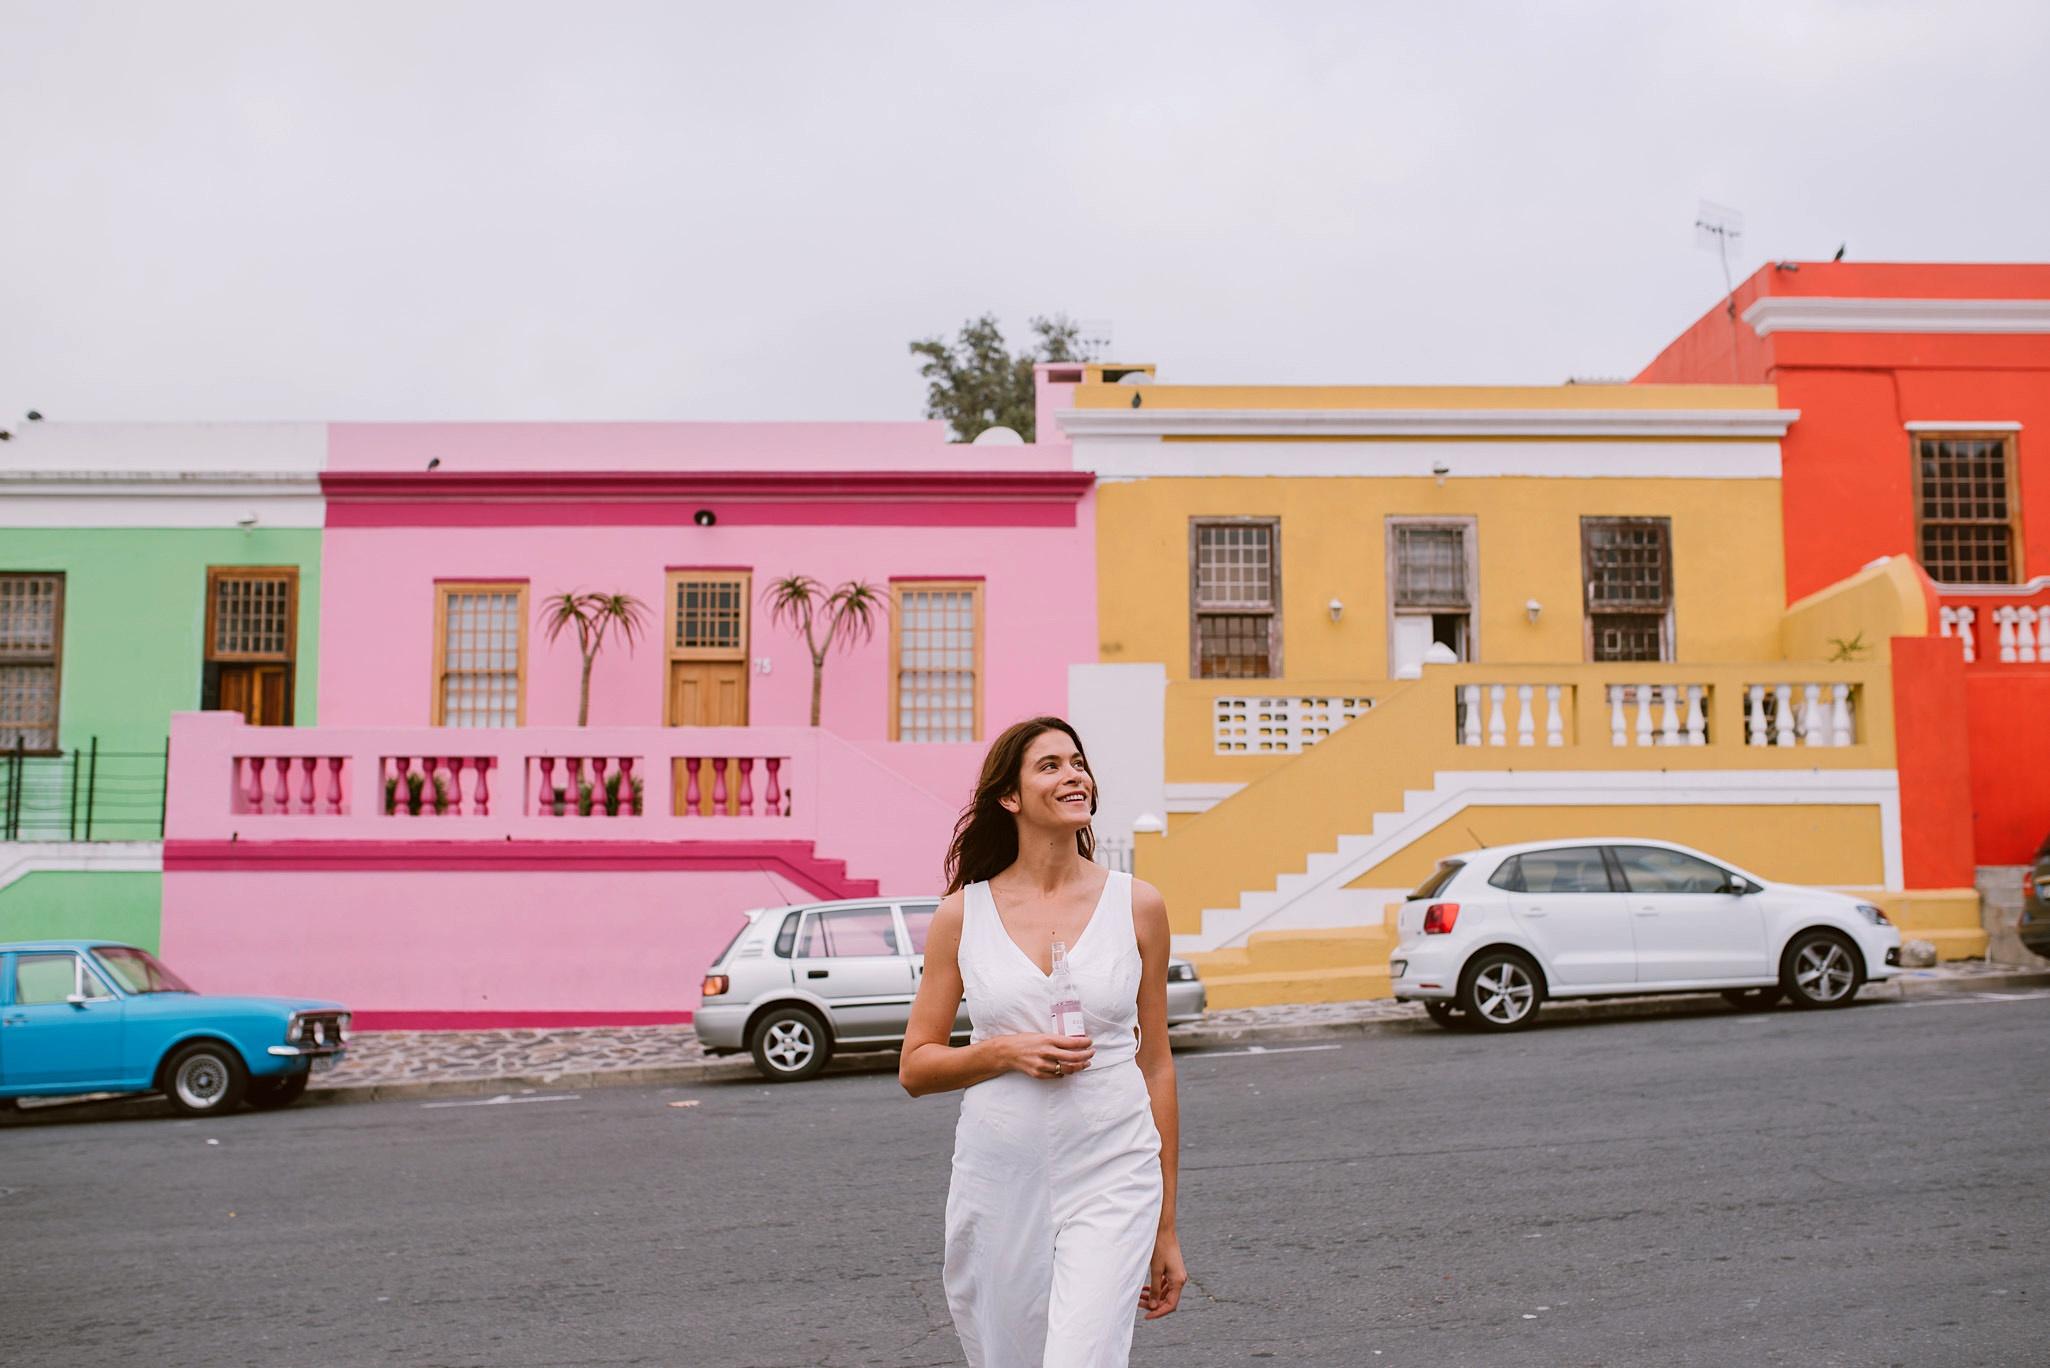 wat te doen in Kaapstad - activiteiten kaapstad - hospots kaapstad - restaurants kaapstad - cityguidekaapstad - kaapstad tips - kaapstad to do's